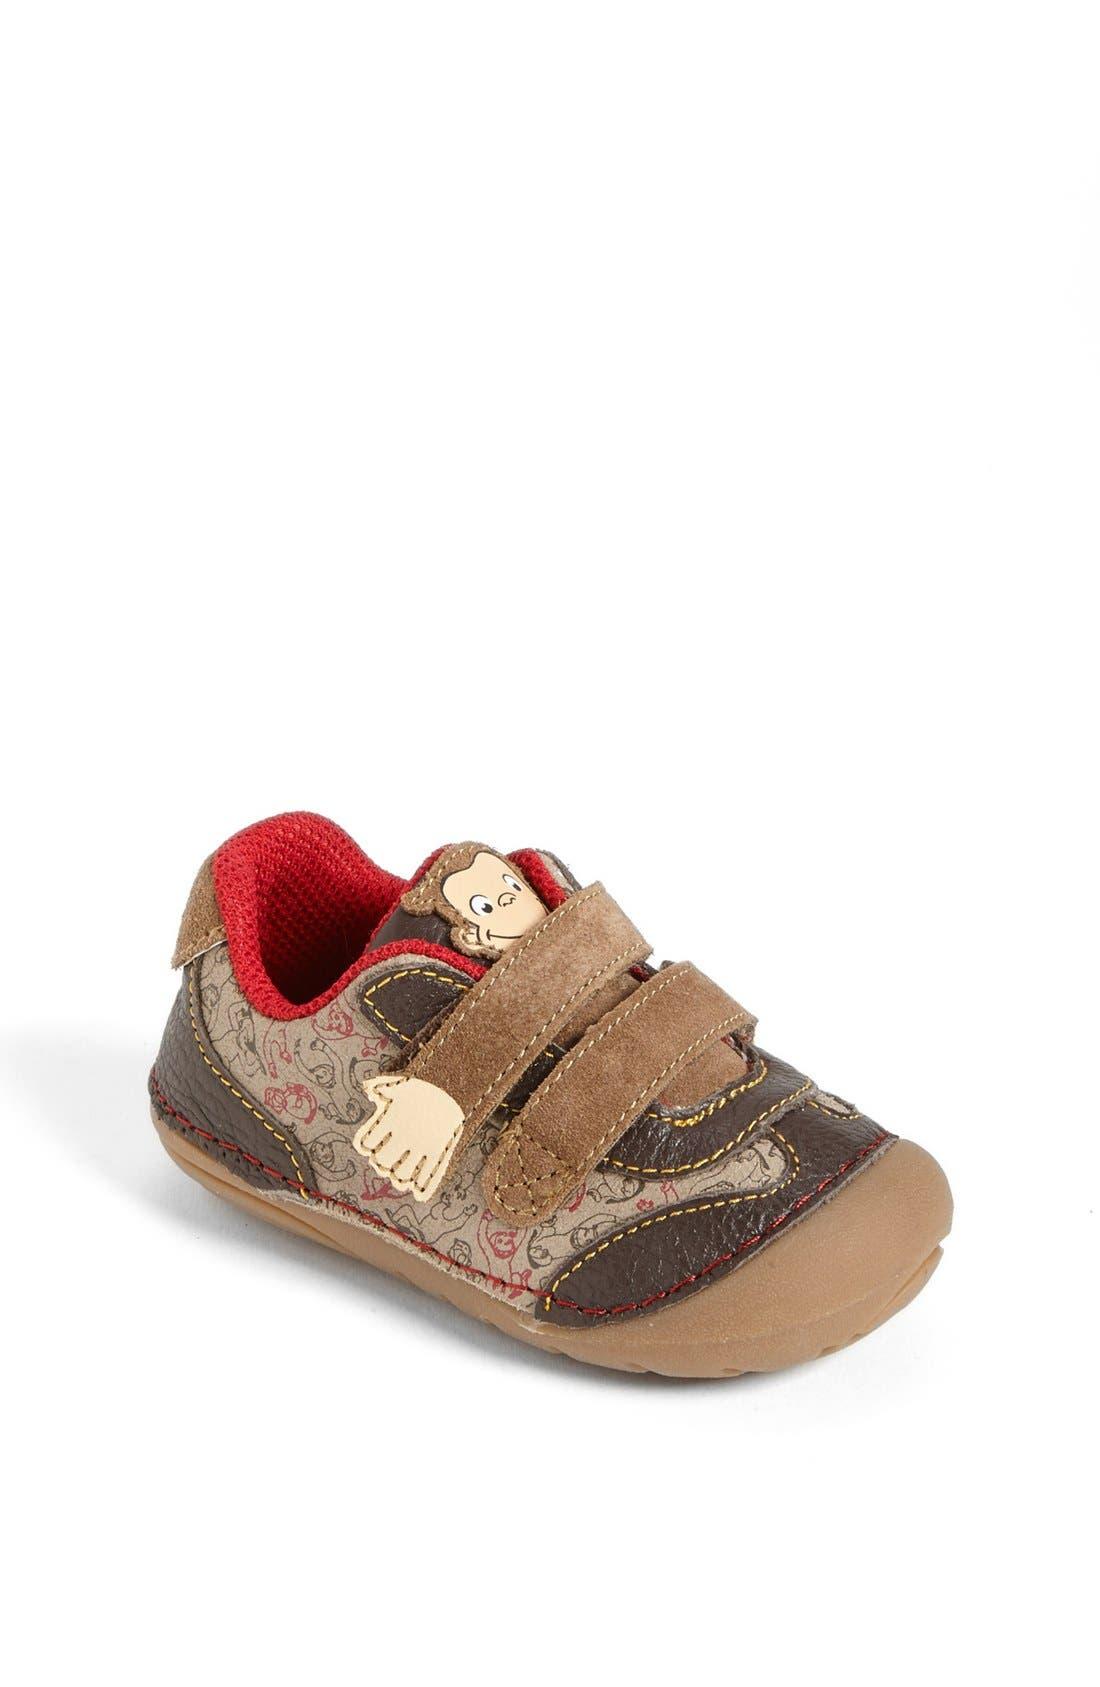 Alternate Image 1 Selected - Stride Rite 'Curious George' Sneaker (Baby & Walker)